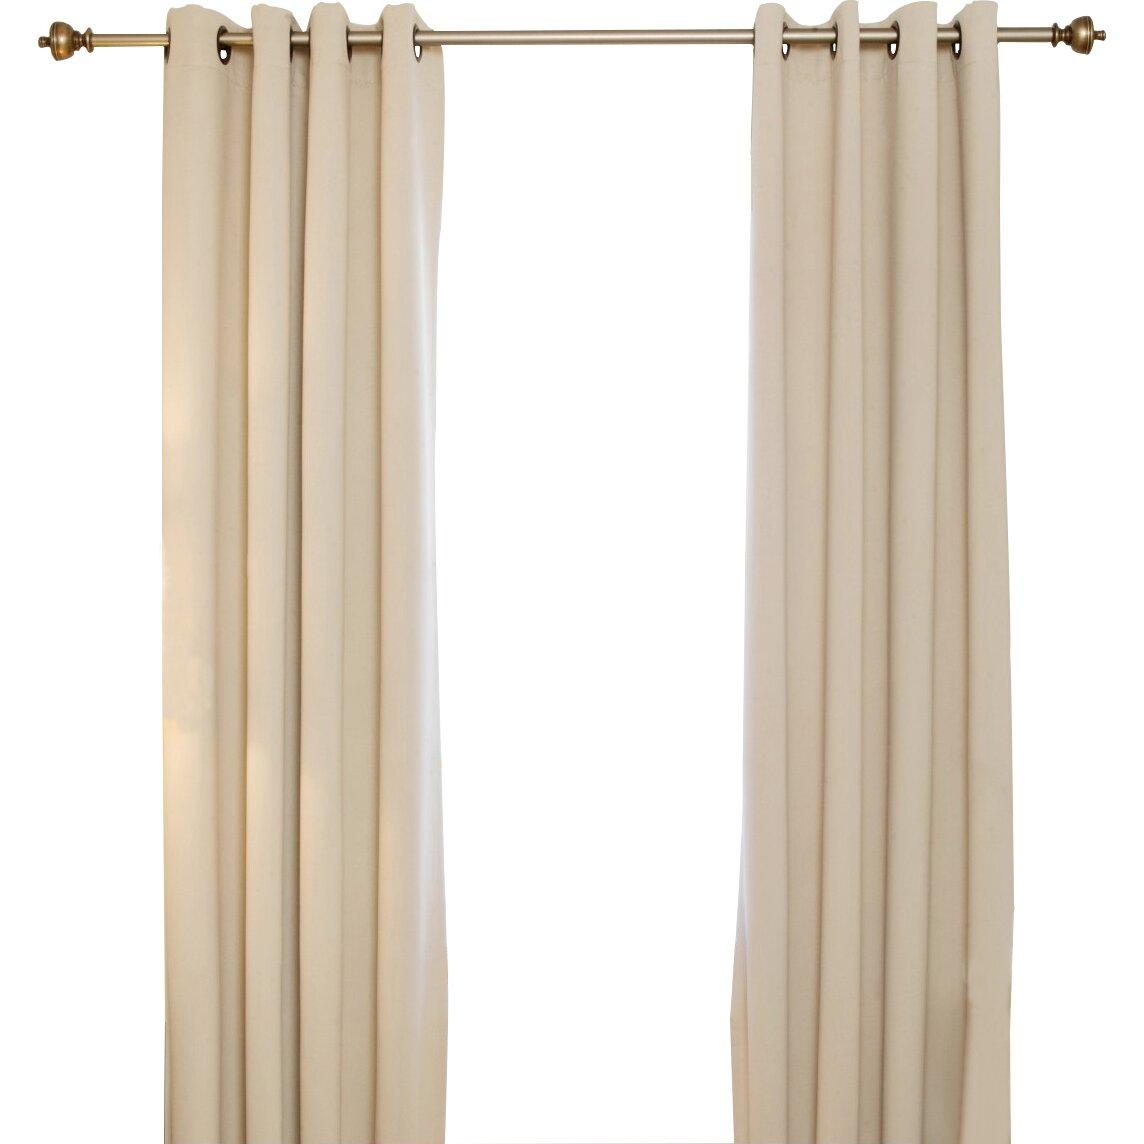 Blackout Curtain Blackout Antique Brass Grommet Top